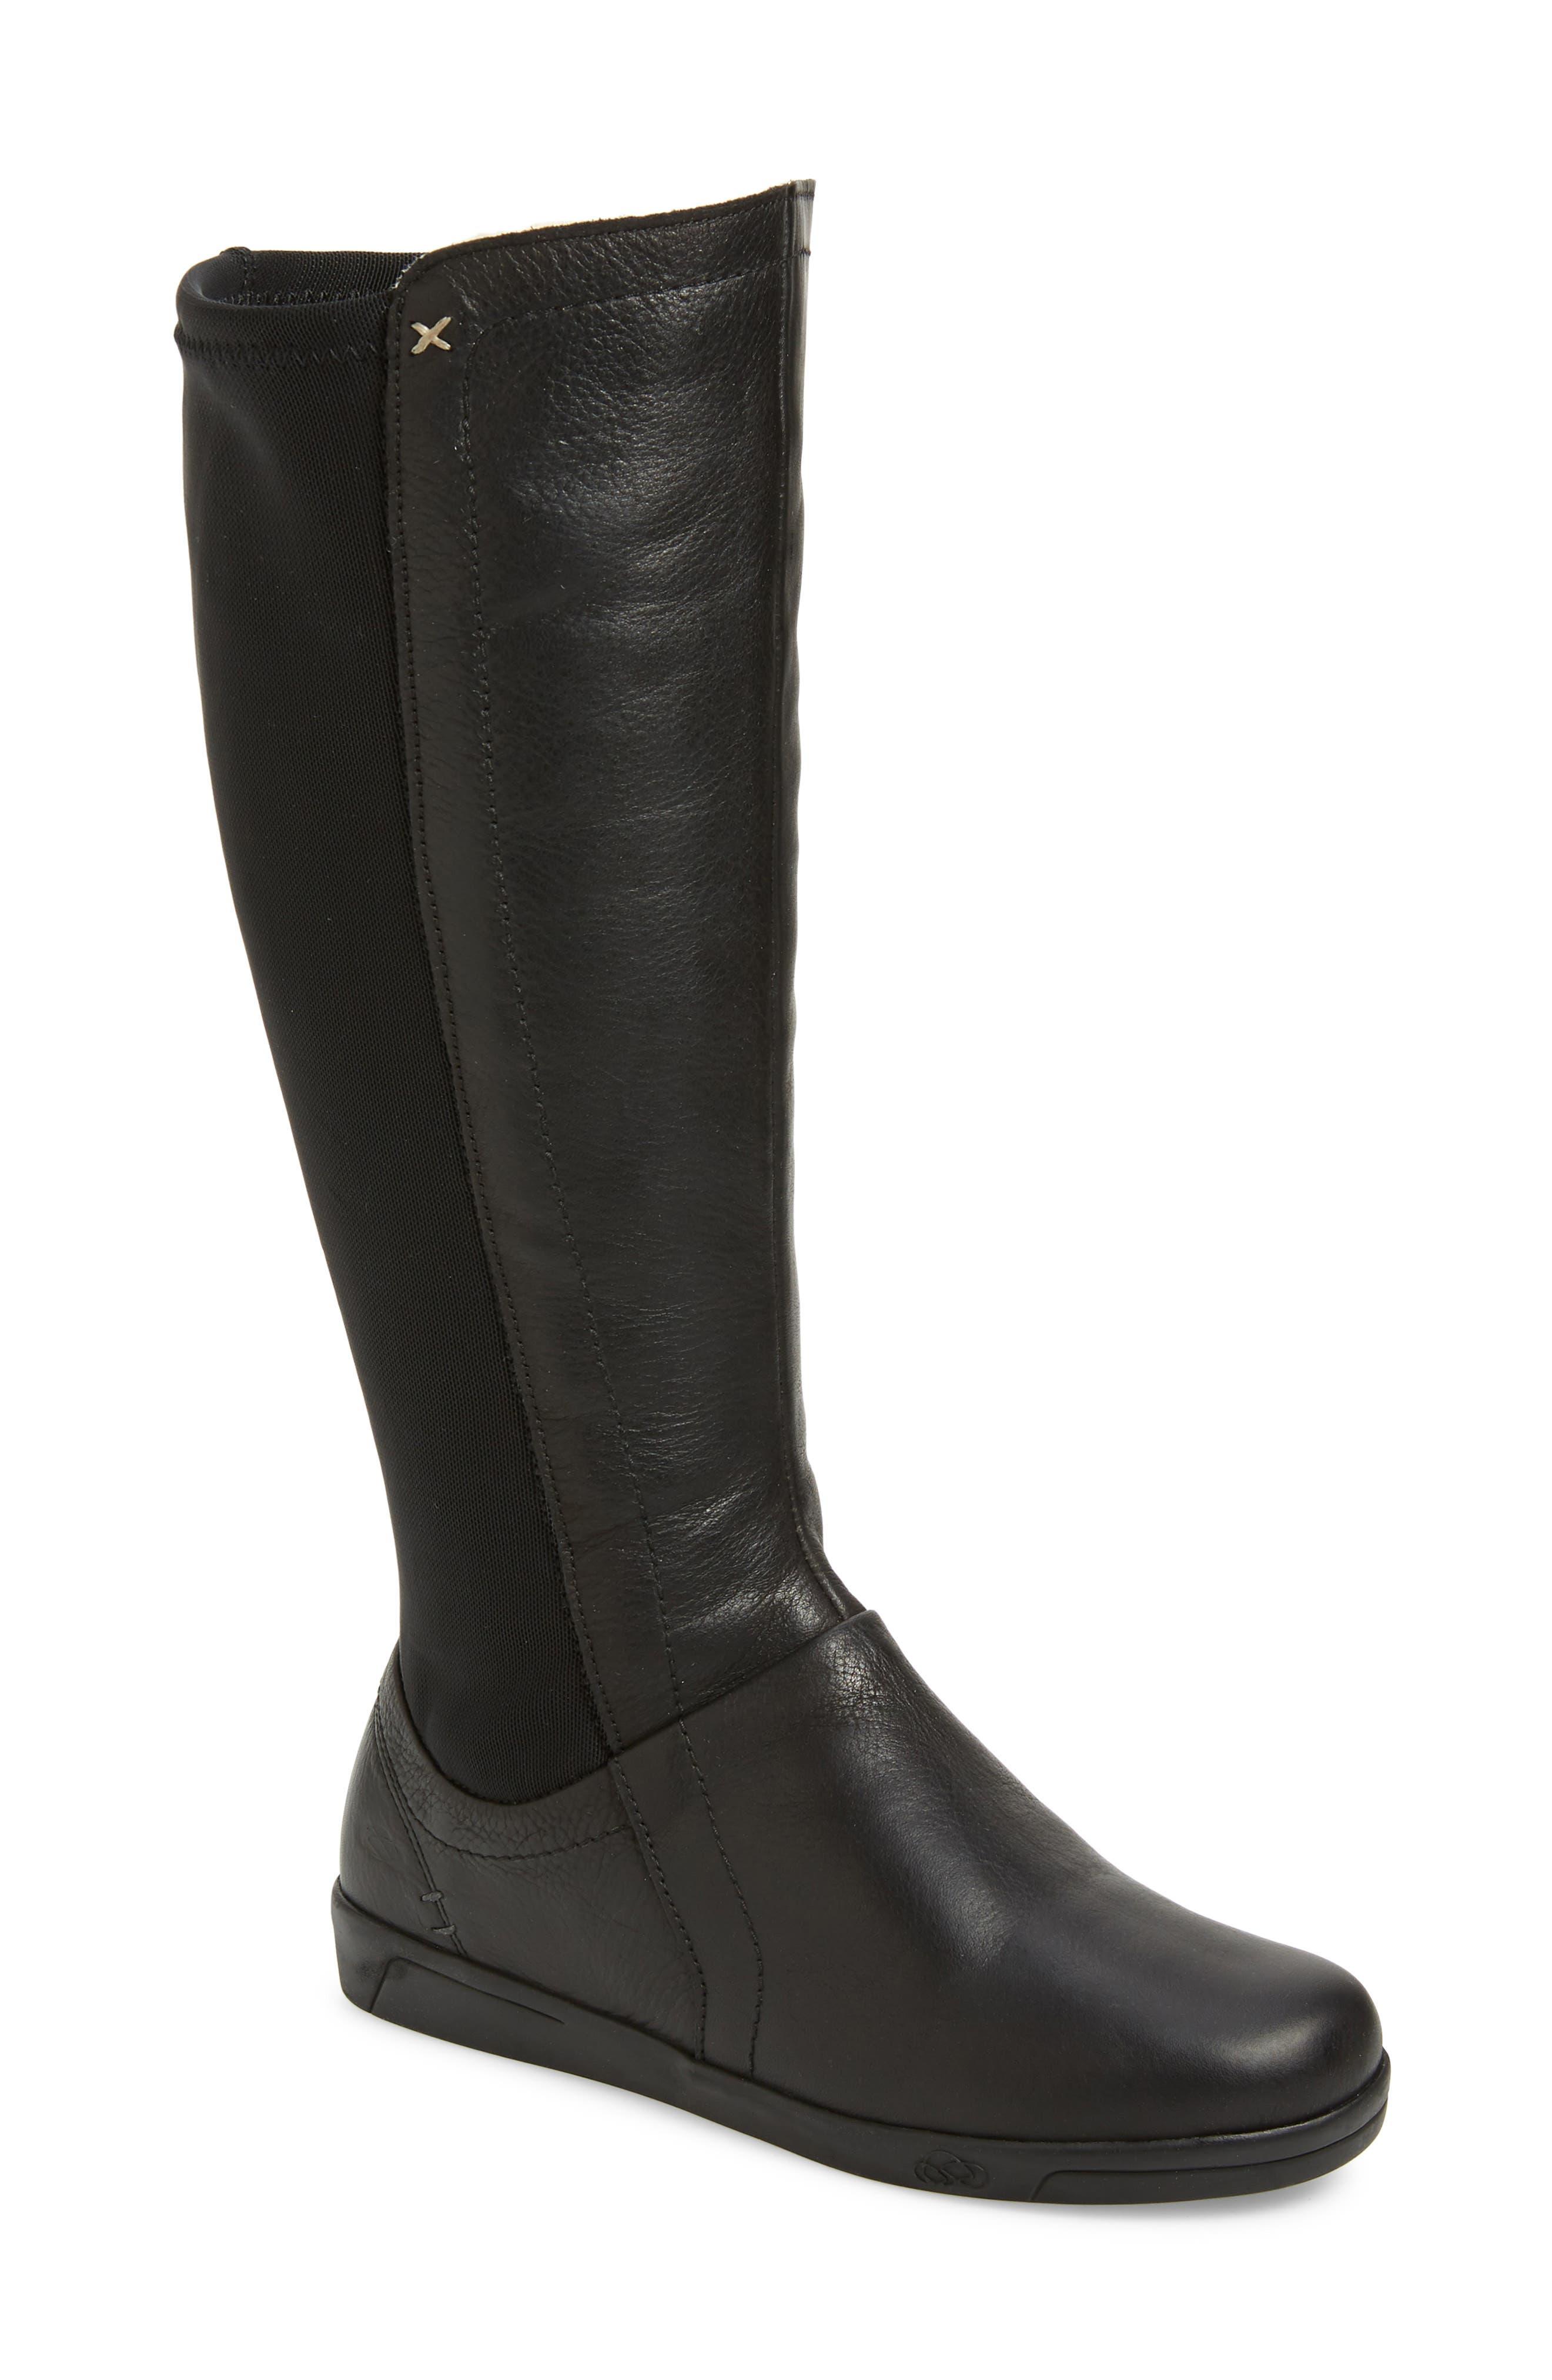 Adventurer Knee High Boot